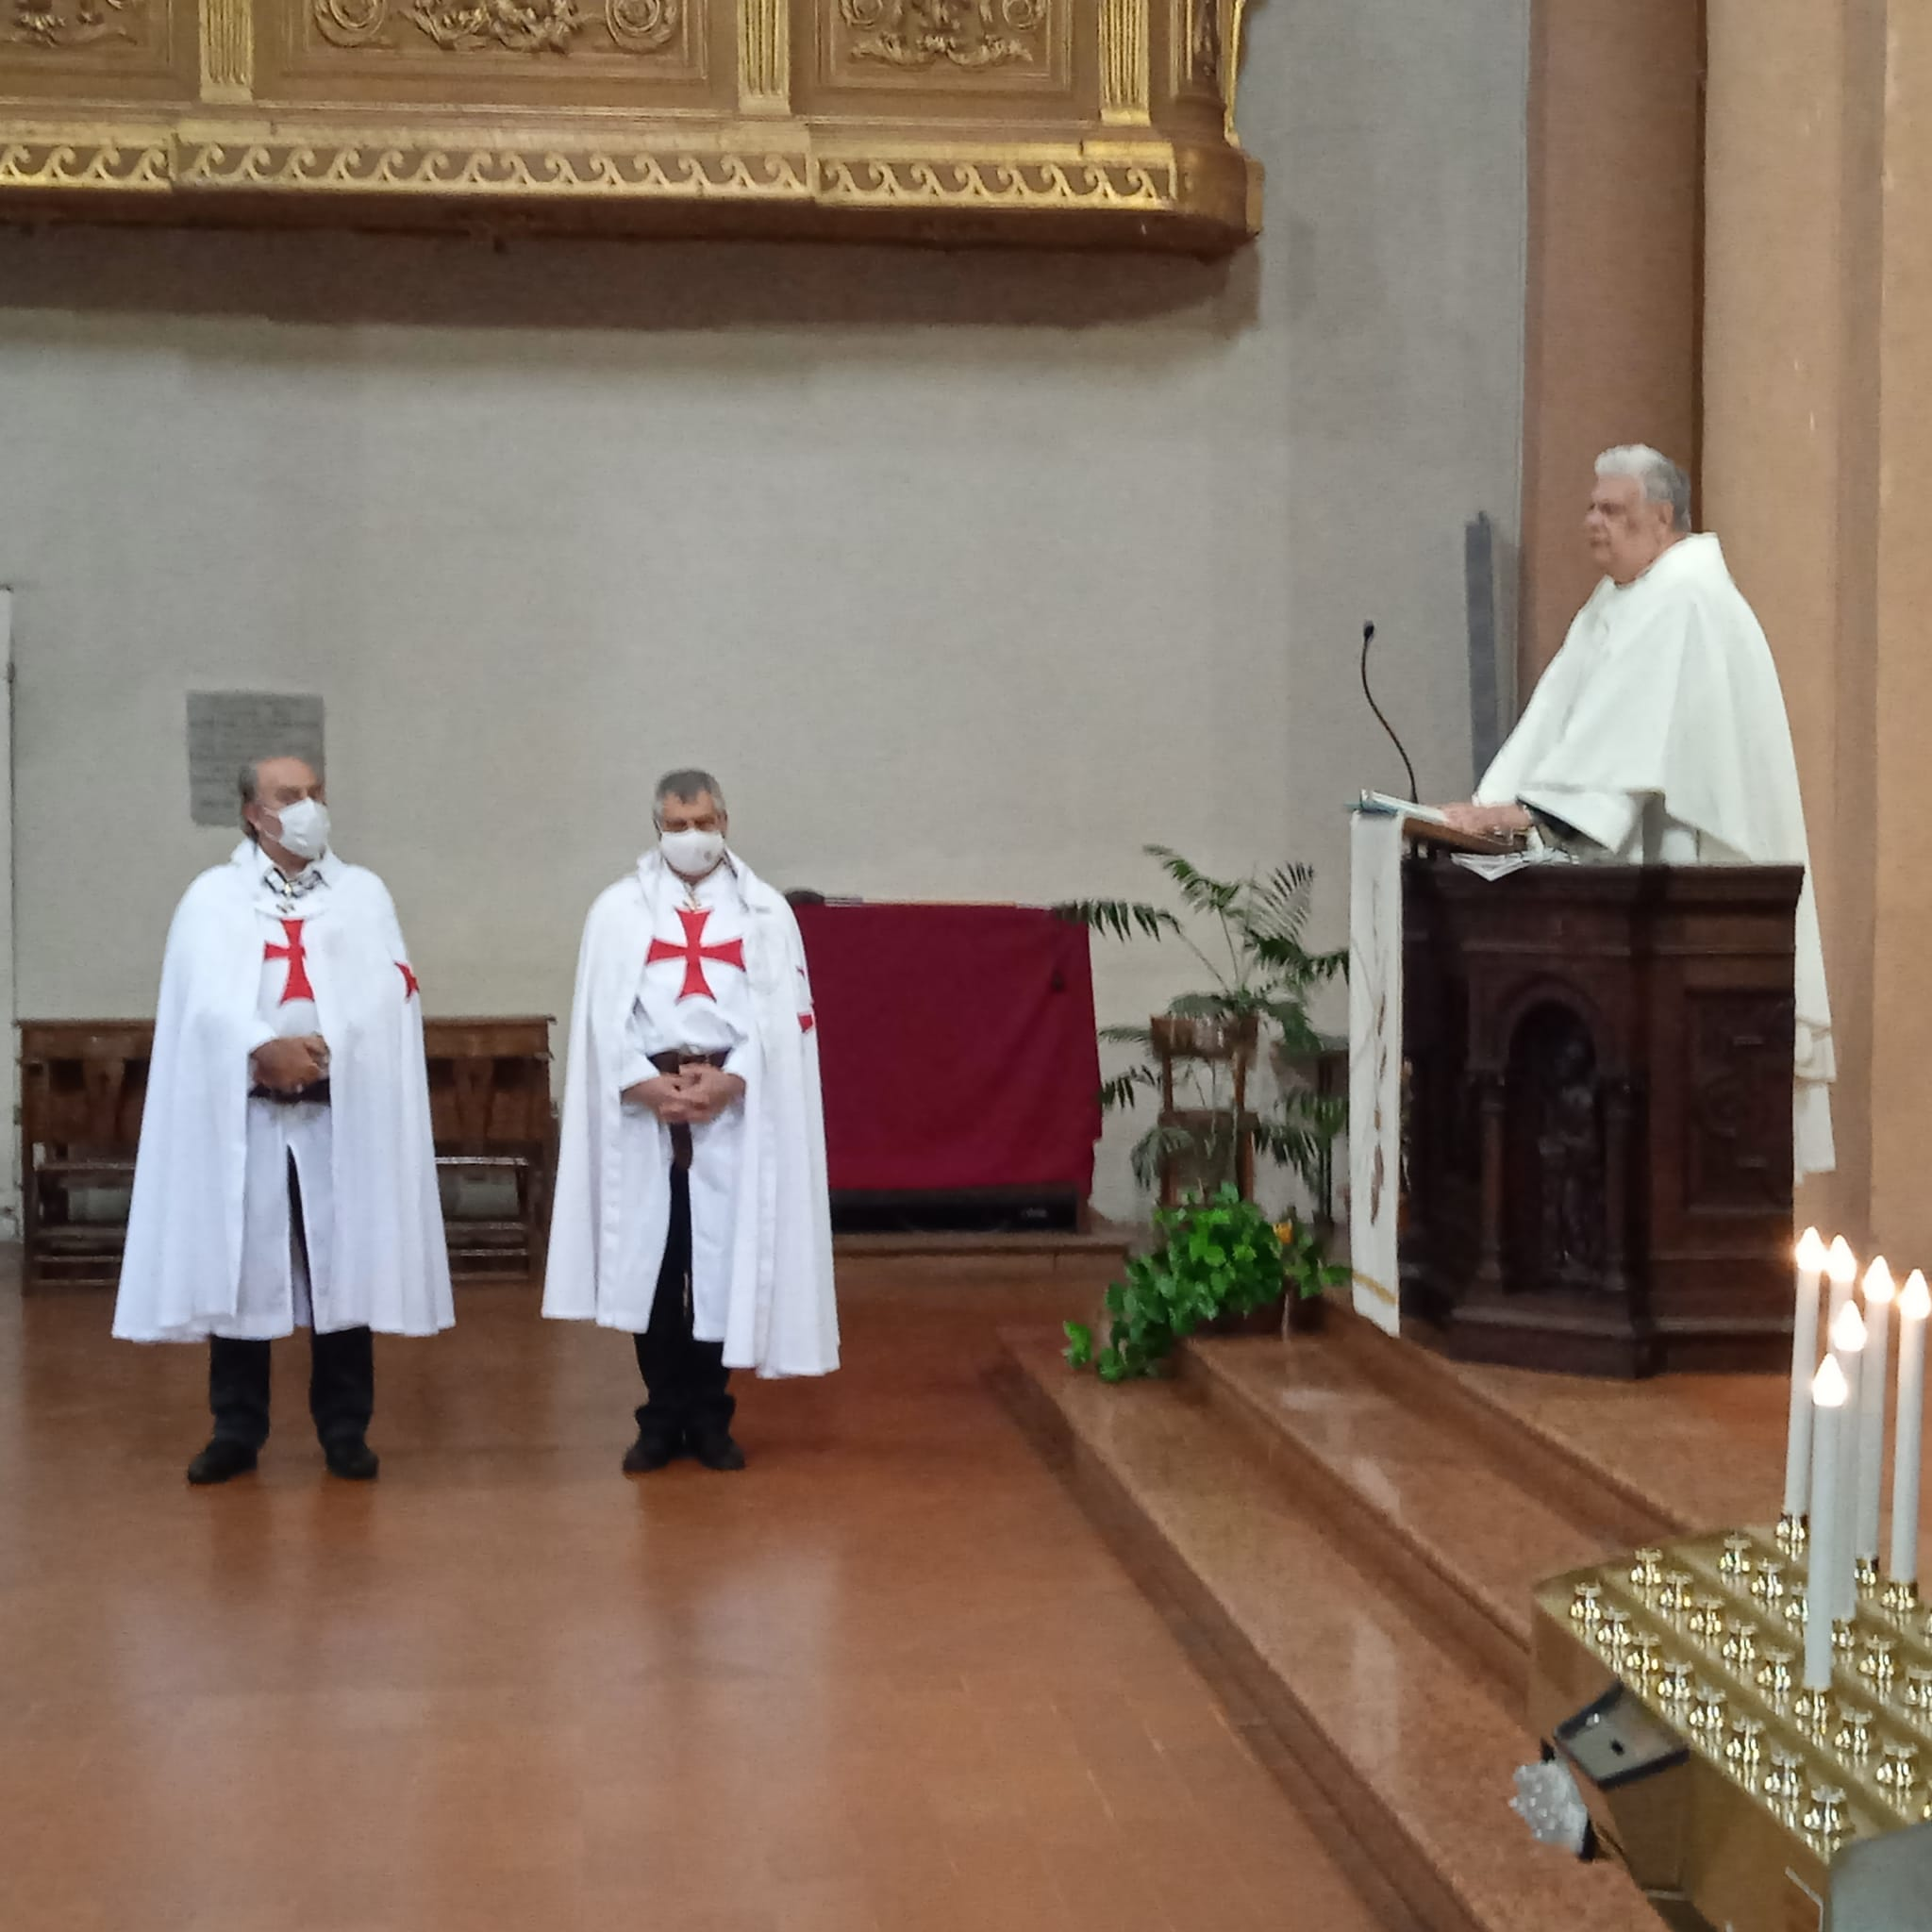 Turno di custodia della Chiesa dell'Annunziata, convento francescano di Cortemaggiore(PC) 02.05.2021